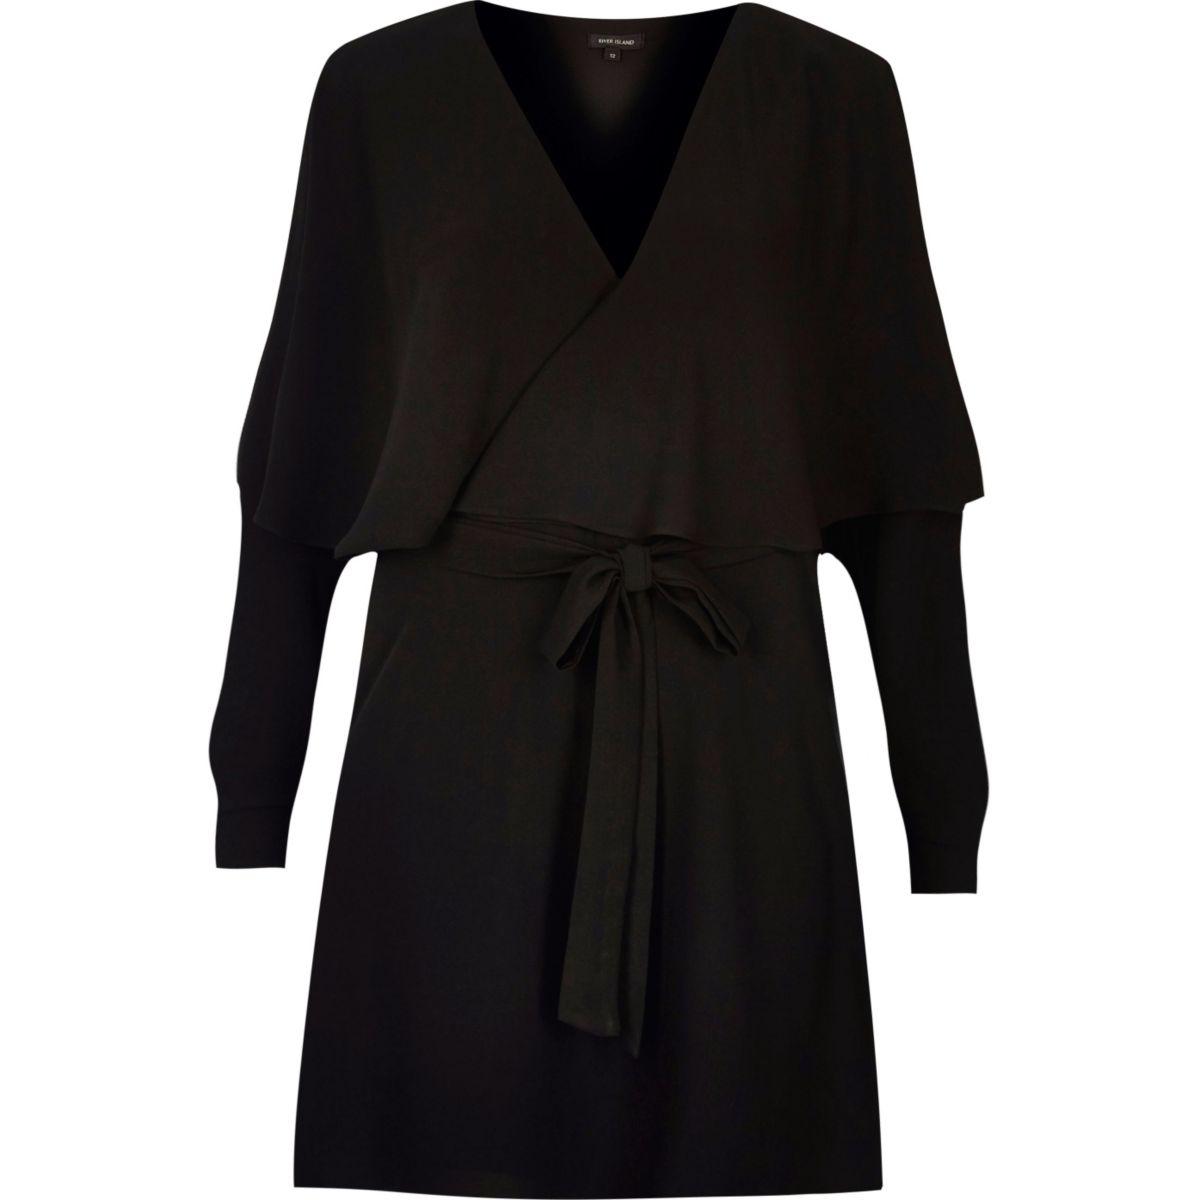 Schwarzes, langärmliges Kleid mit Rüschen